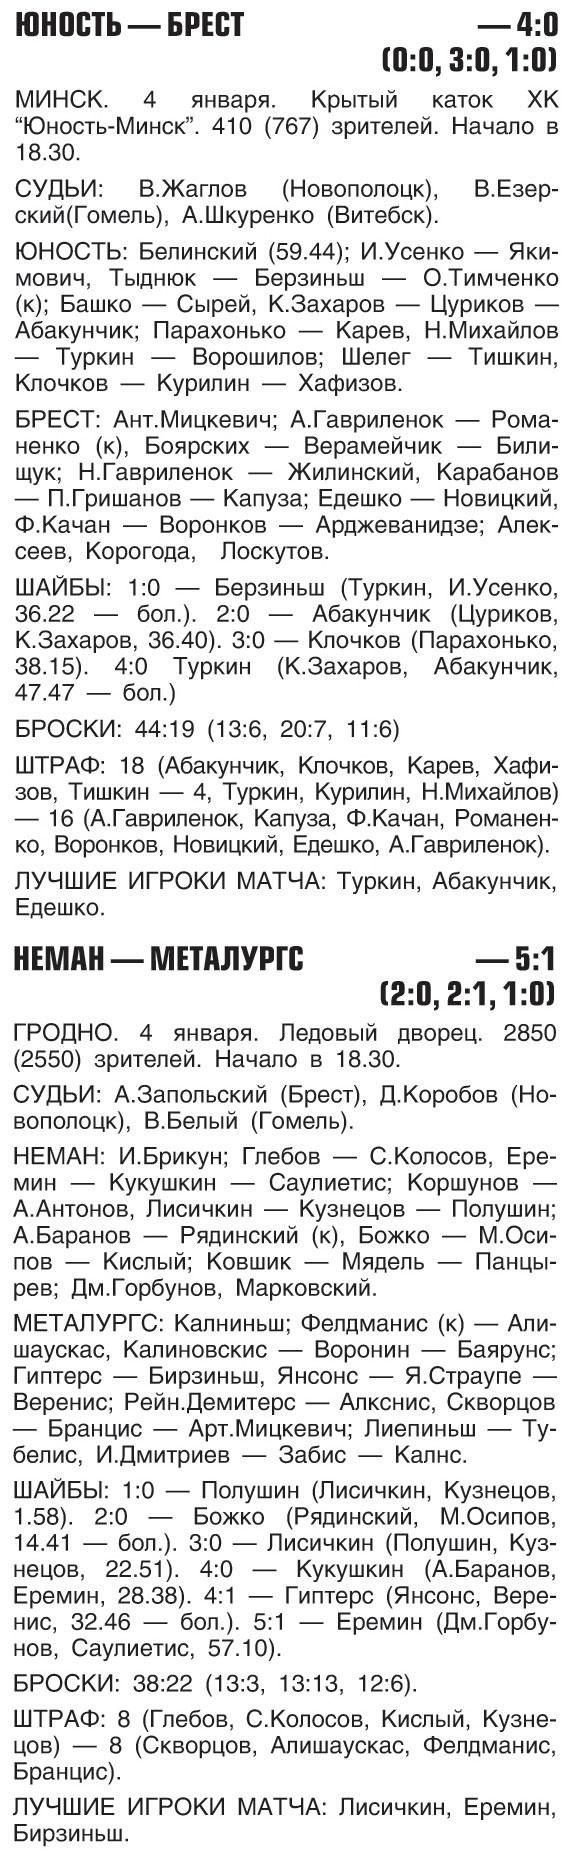 2012-01-04.jpg